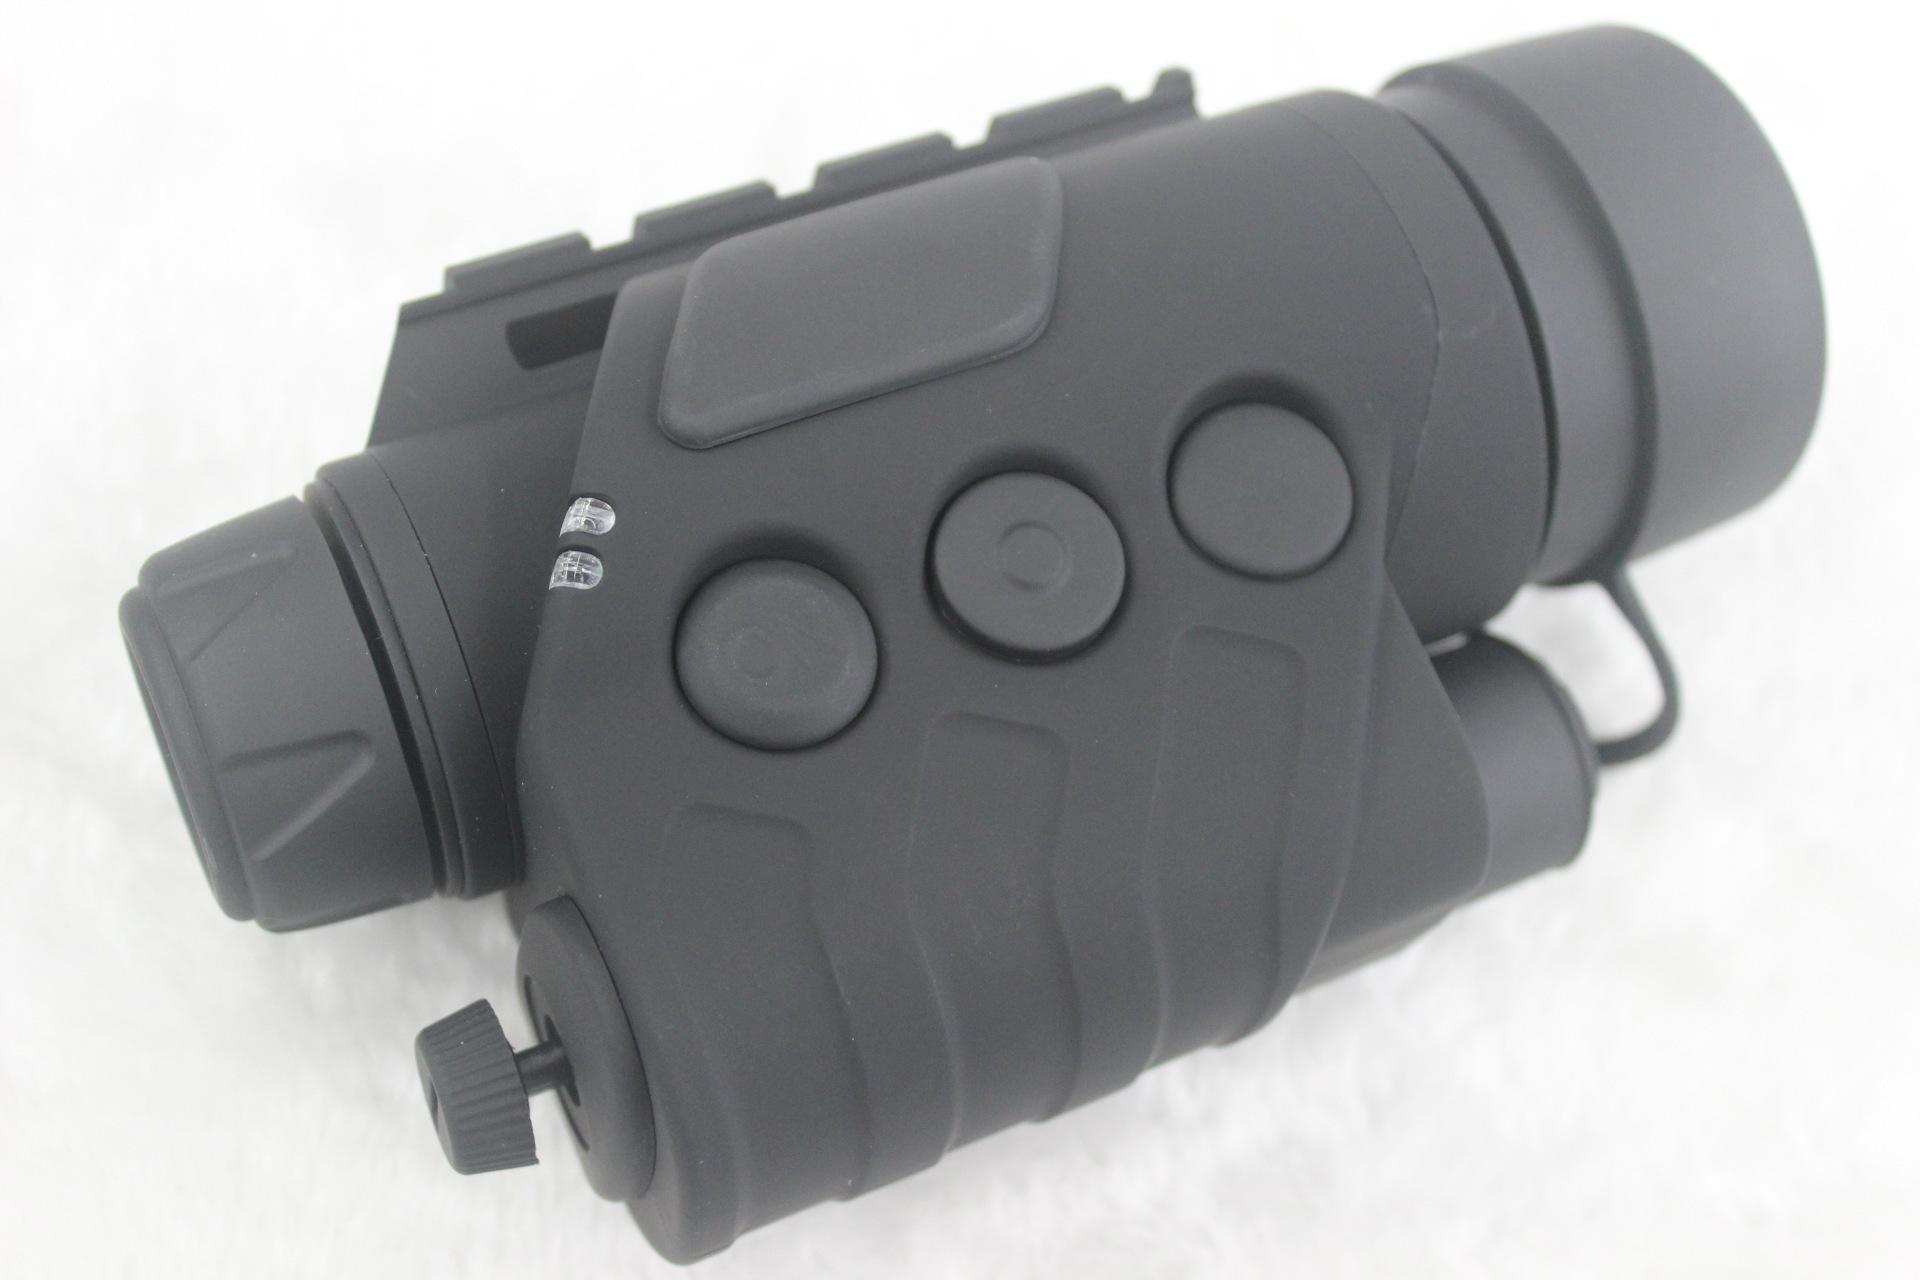 红外线望远镜 生产批发 正品br88夜视仪红外线望远镜 全黑晚上高倍远